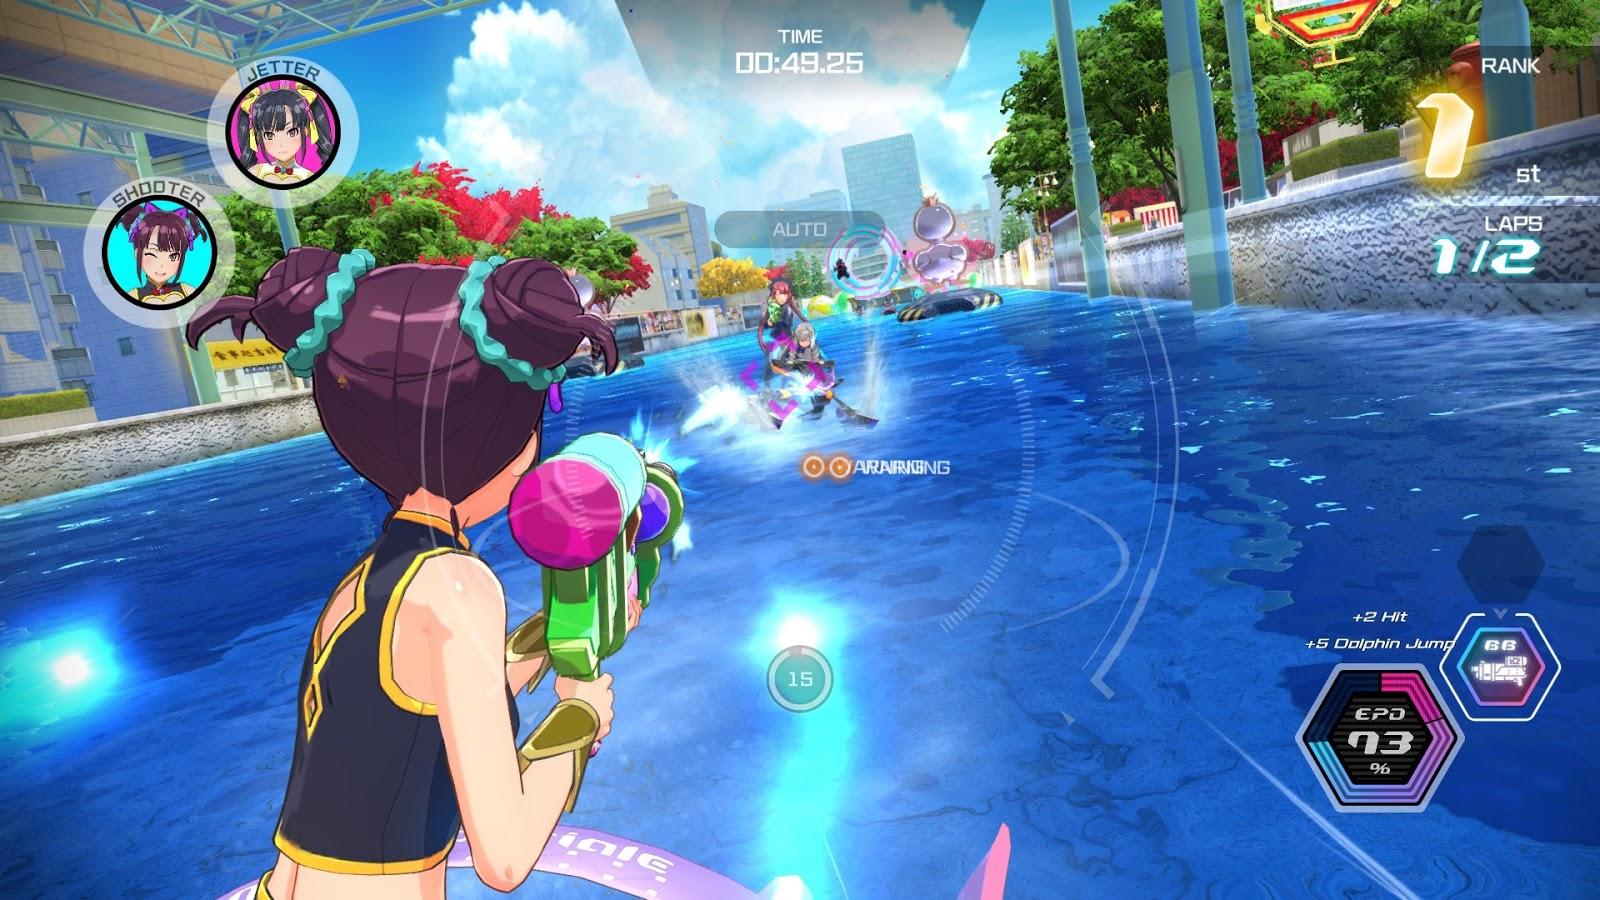 kandagawa-jet-girls-pc-screenshot-02